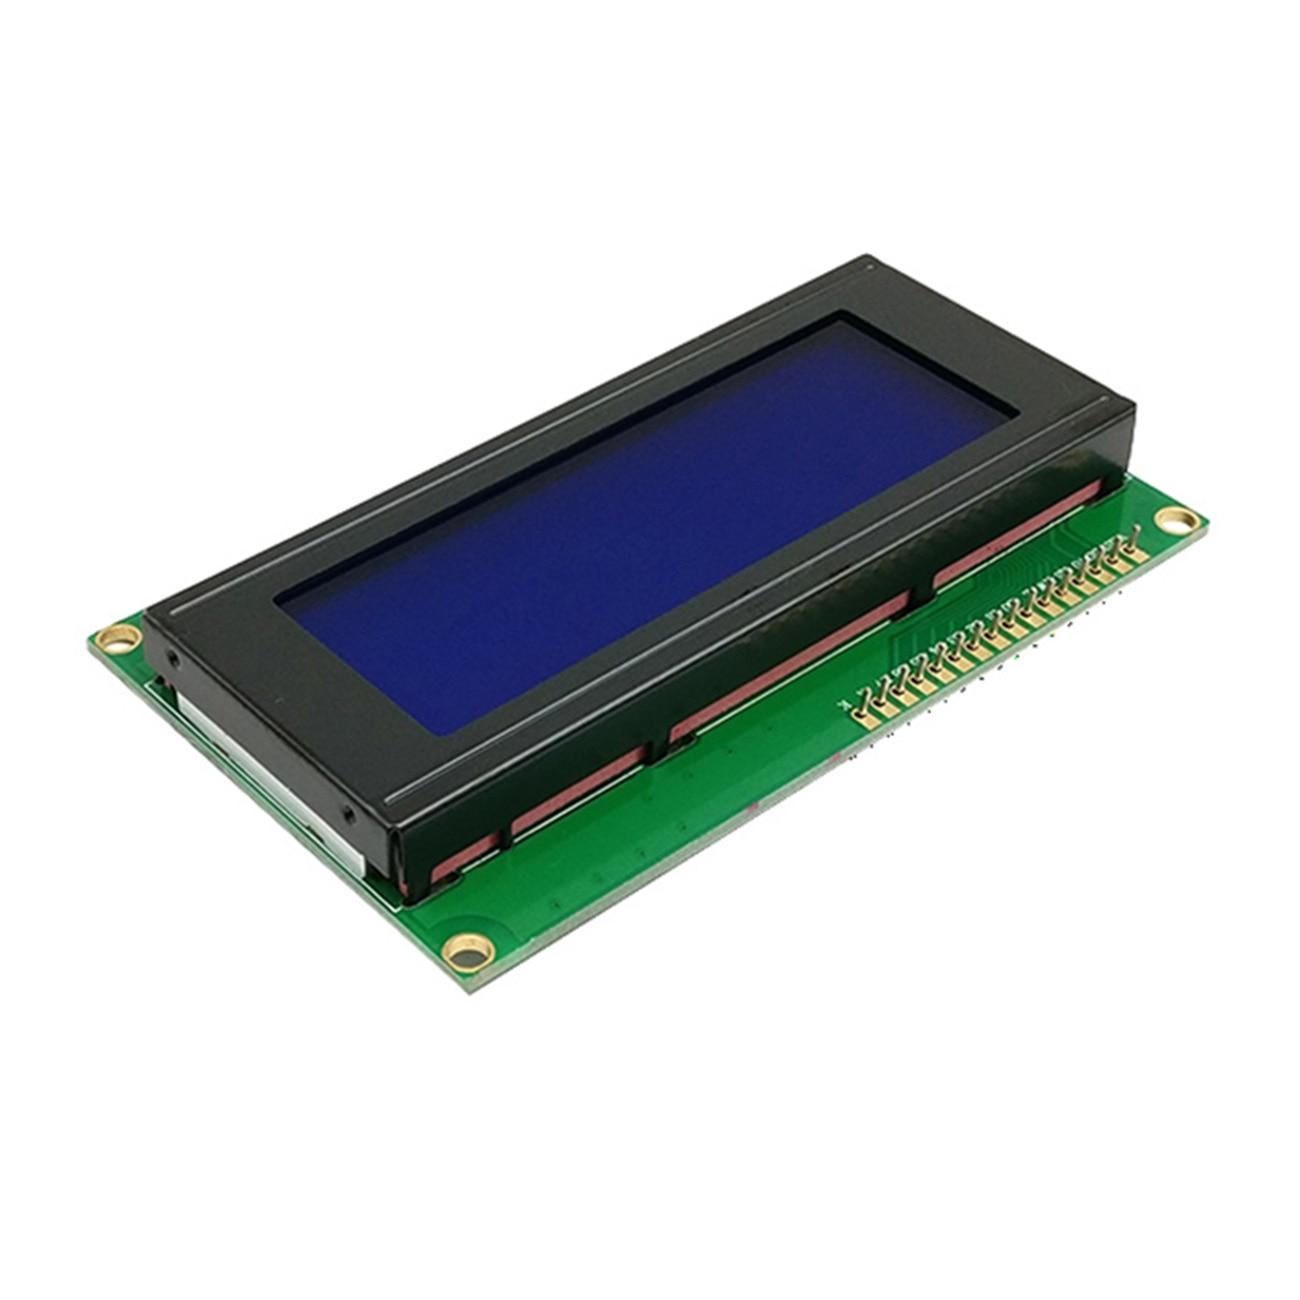 Niebieski/tło green Screen IIC 2004 + IIC I2C X 4 znaków HD44780 niebieski podświetlenie ekranu kontroler dla szeregowy SPI adapter interfejsu